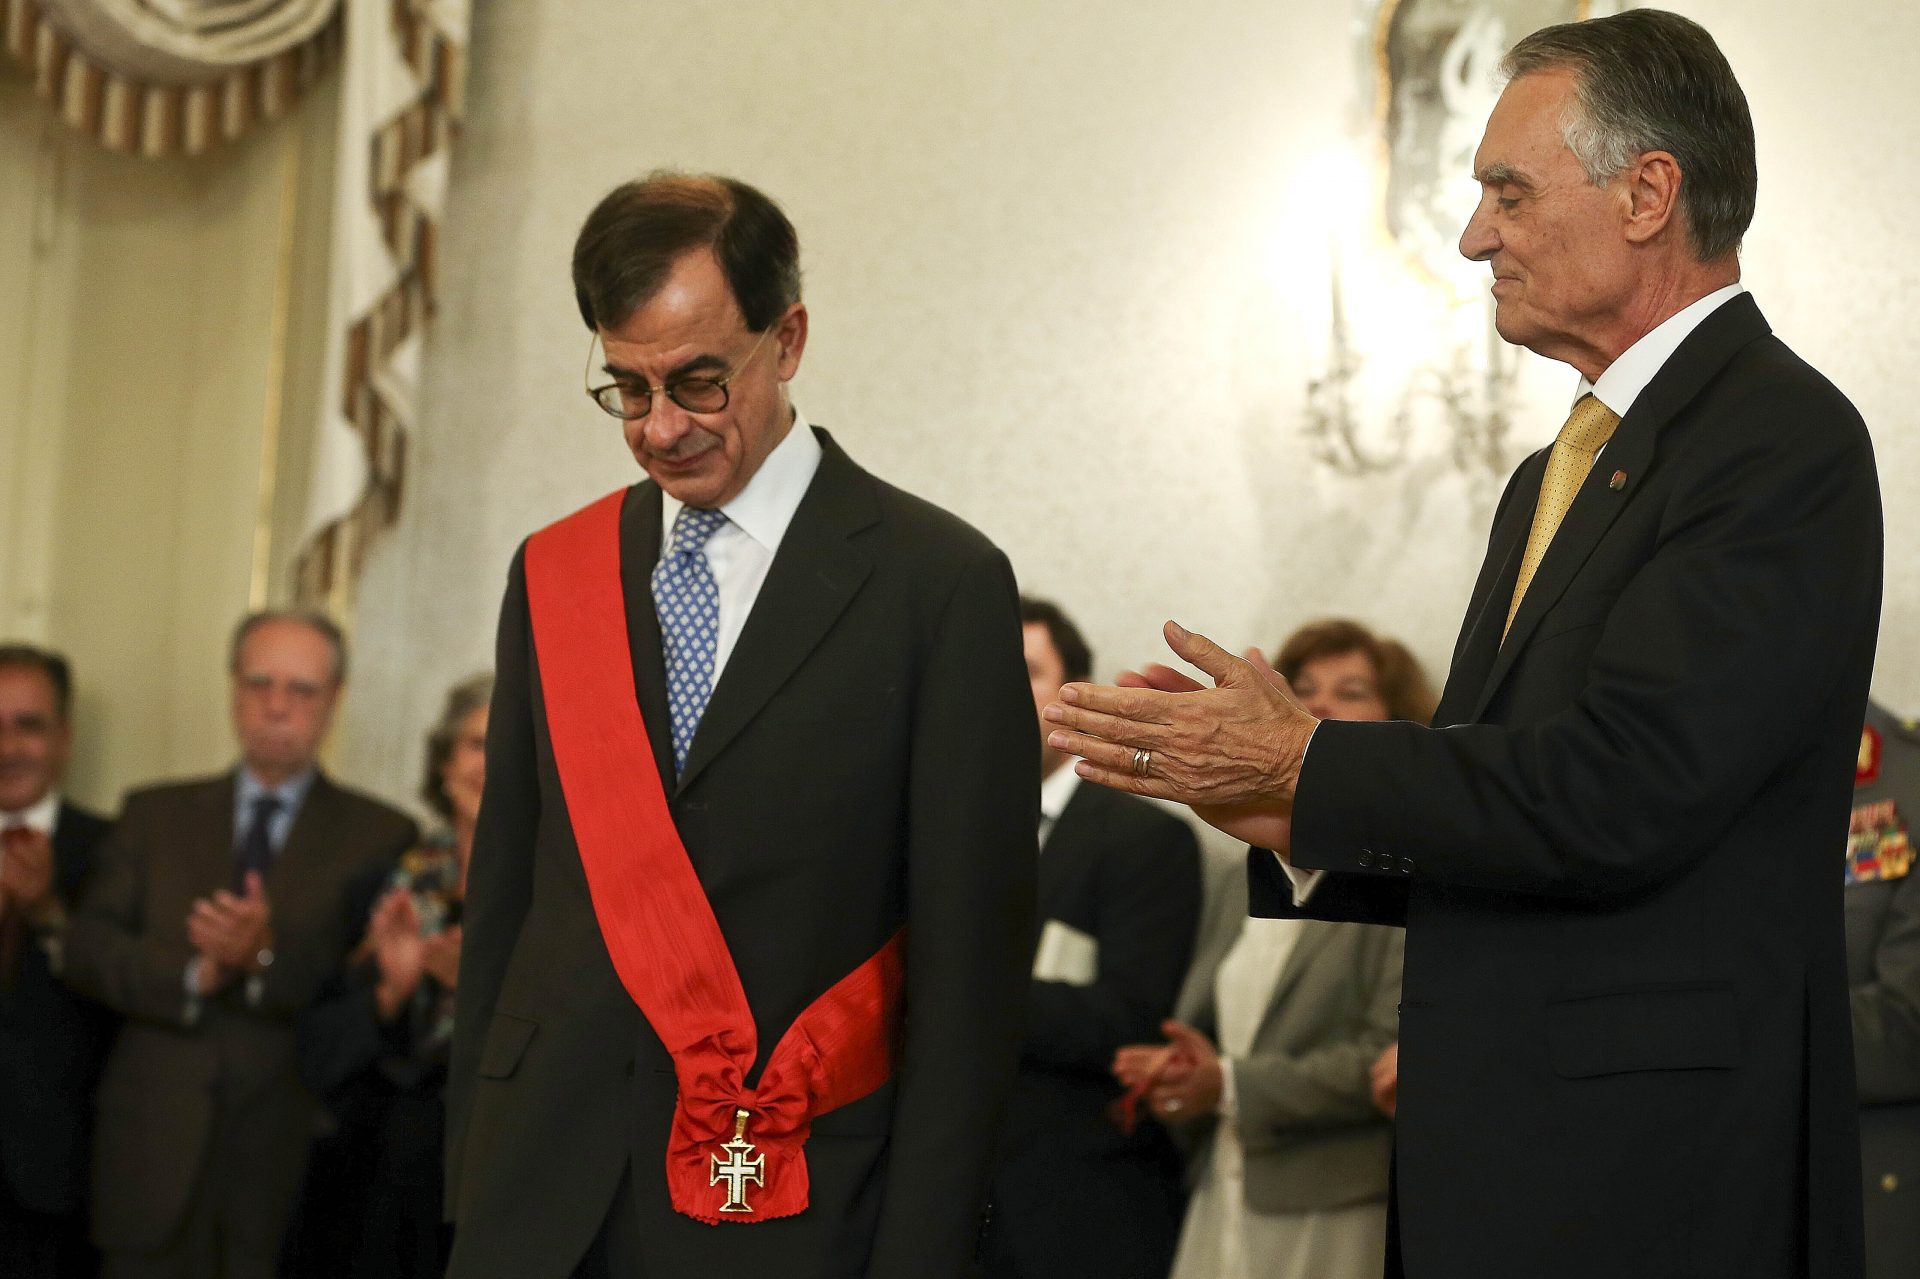 O Presidente da Mesa da Assembleia Geral do OLP foi condecorado